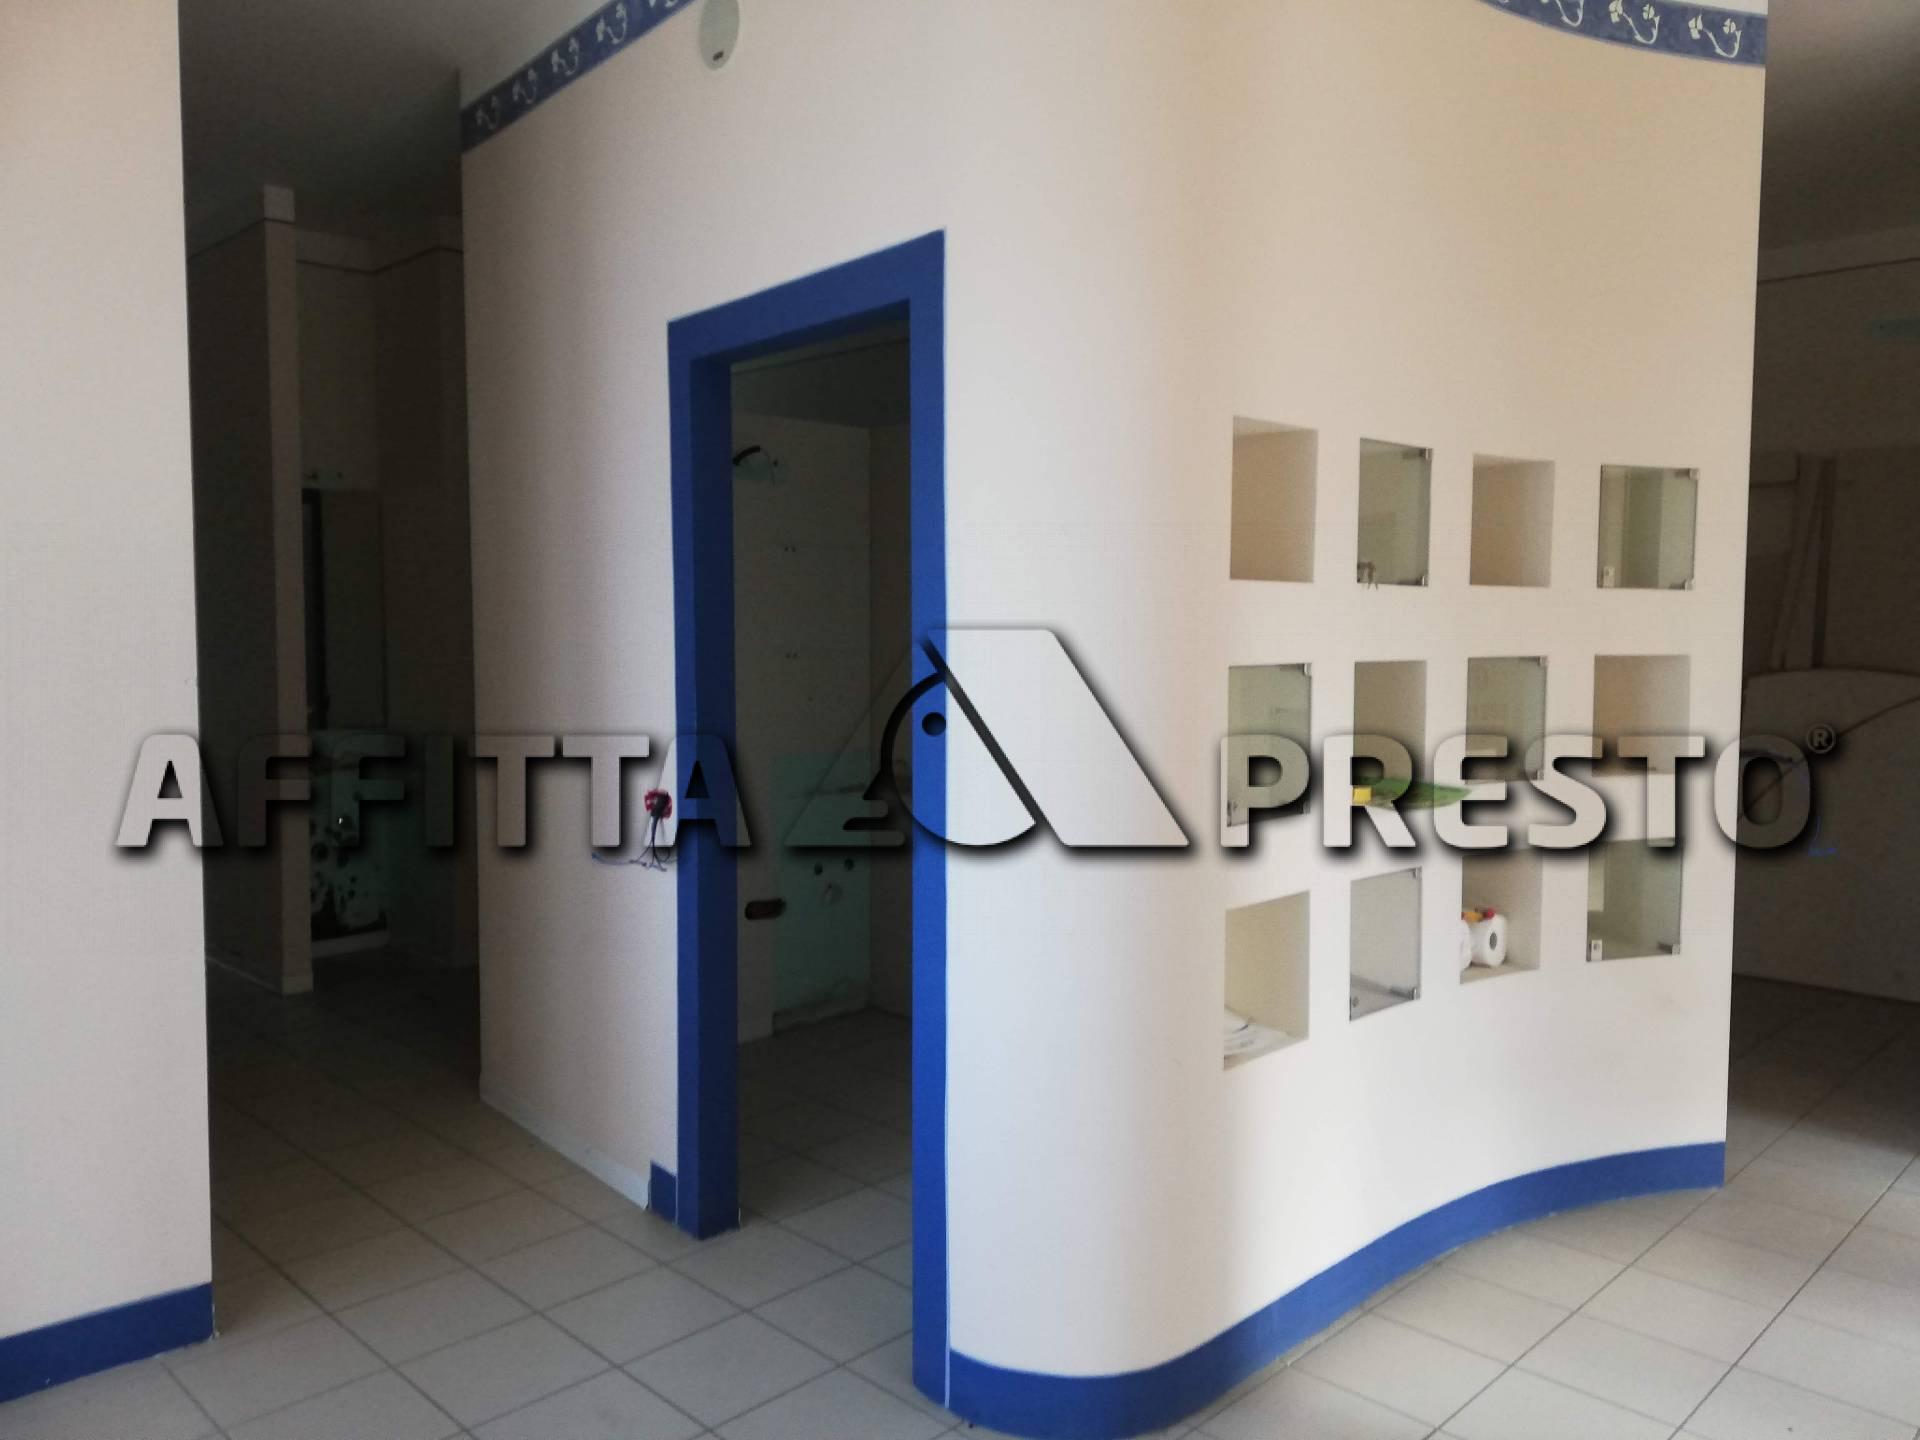 Attività commerciale in affitto a Empoli (FI)